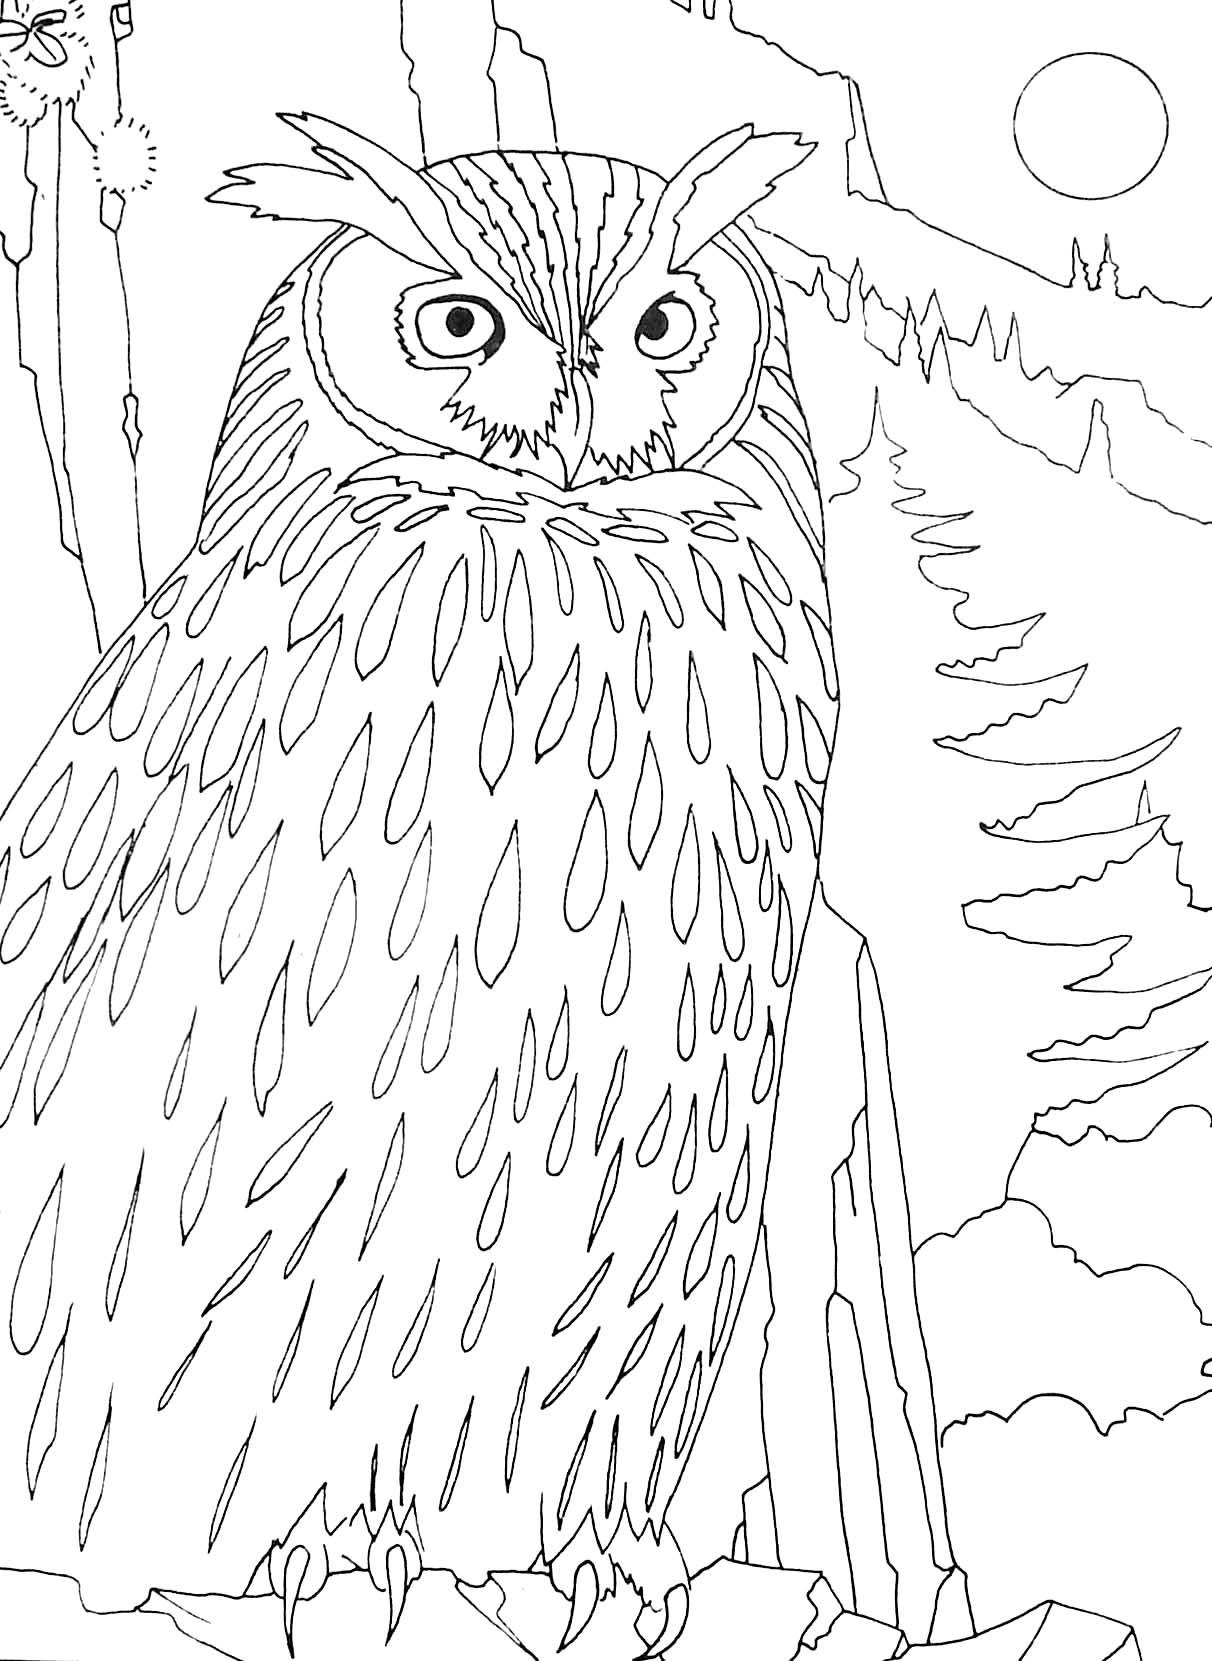 Coloriage d oiseau nocturne hibou grand duc